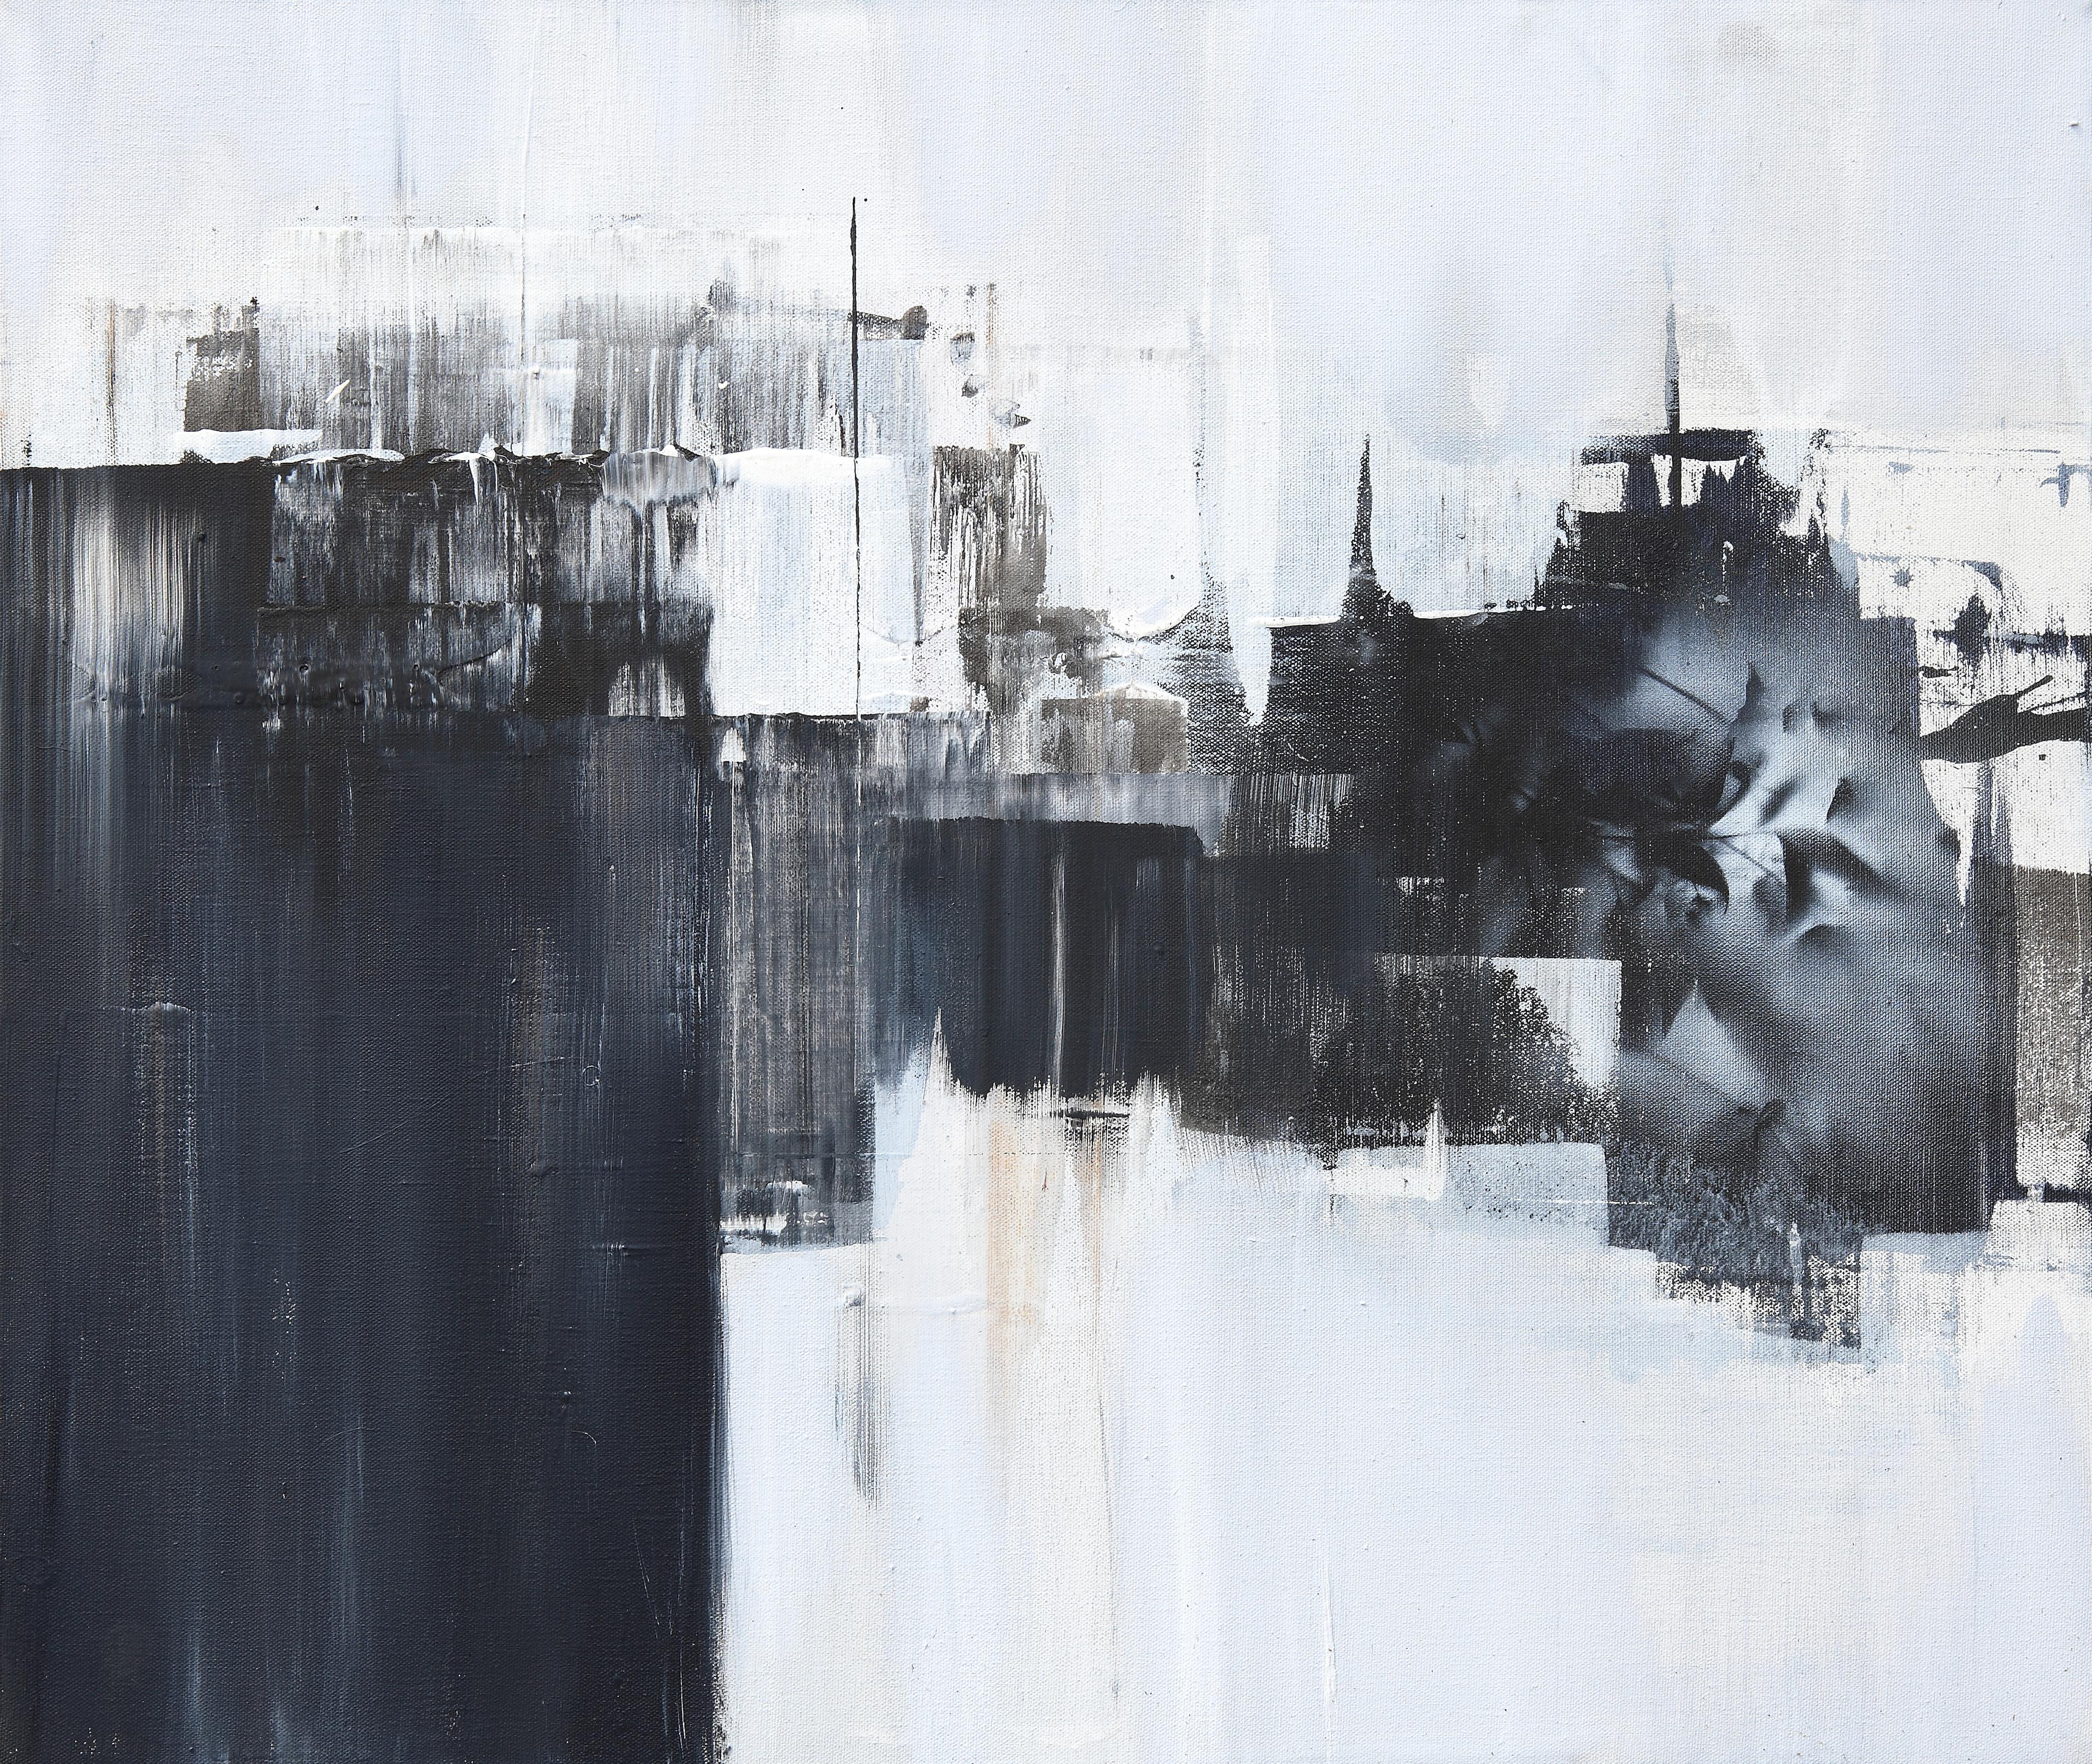 연상록, 숲, 빛, 바람의 숨결,  72.5x61.0cm, mixed material, 2015